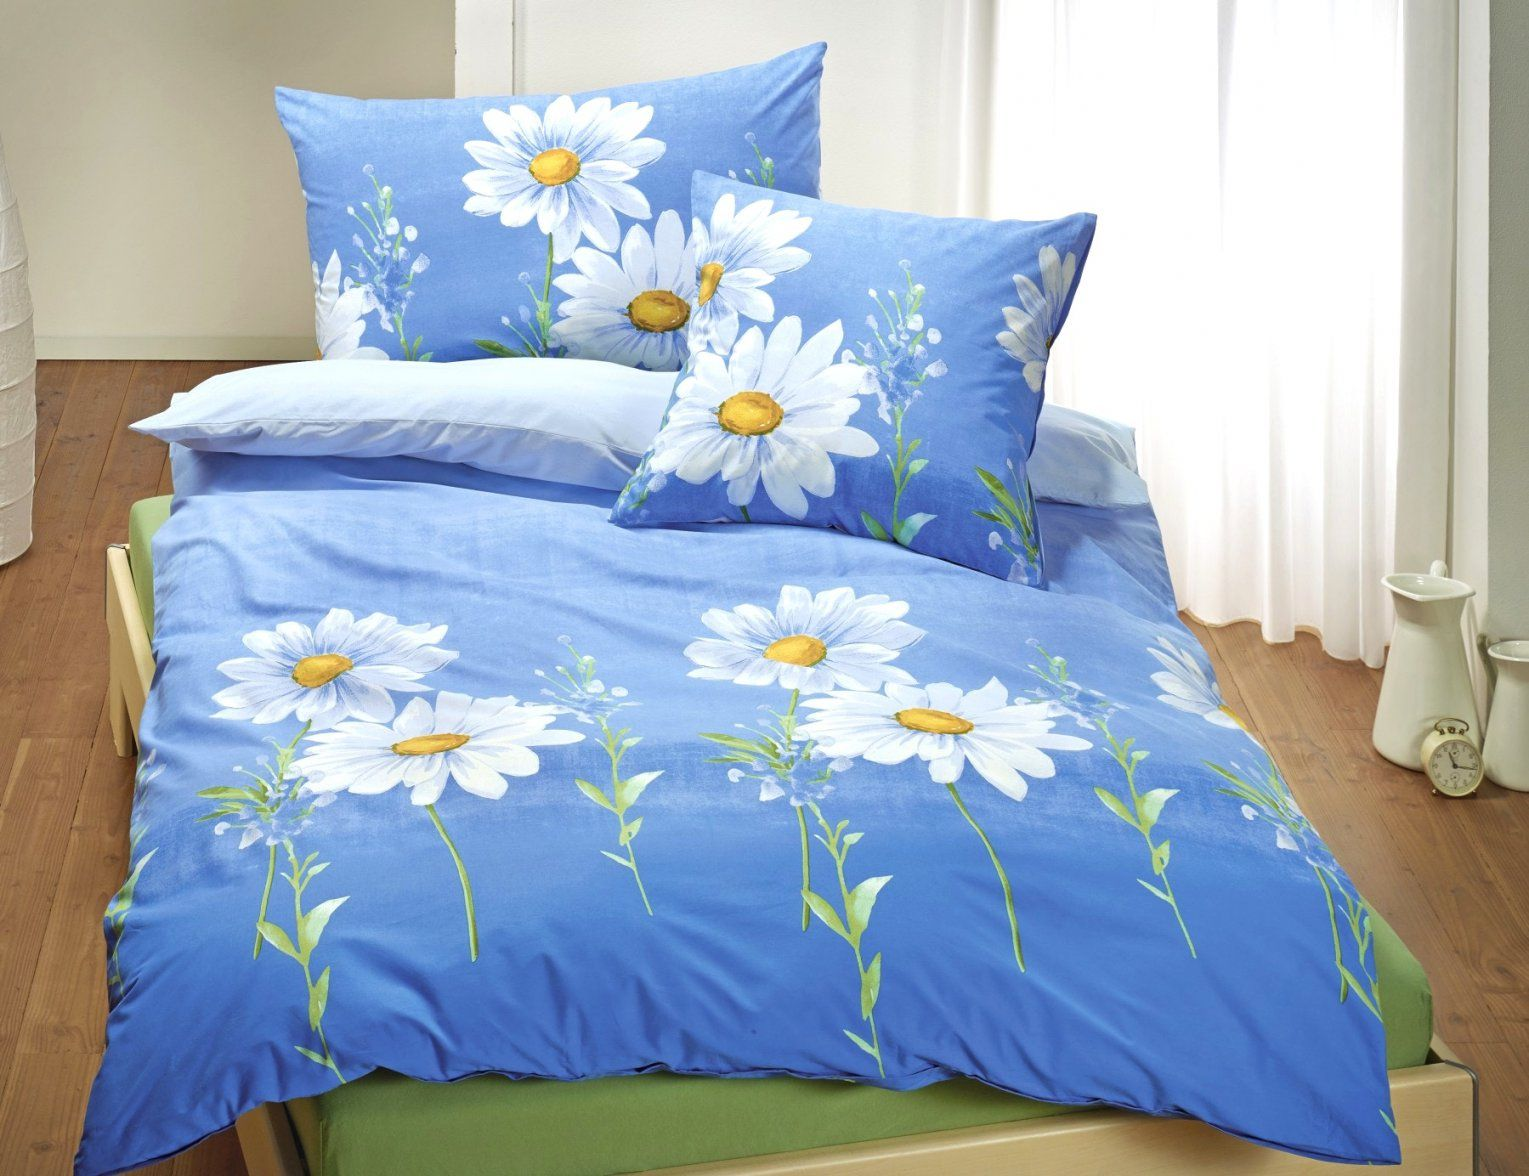 Unglaubliche Inspiration Bettwäsche Mit Eigenem Foto Und Wunderbare von Bettwäsche Selber Gestalten Günstig Bild